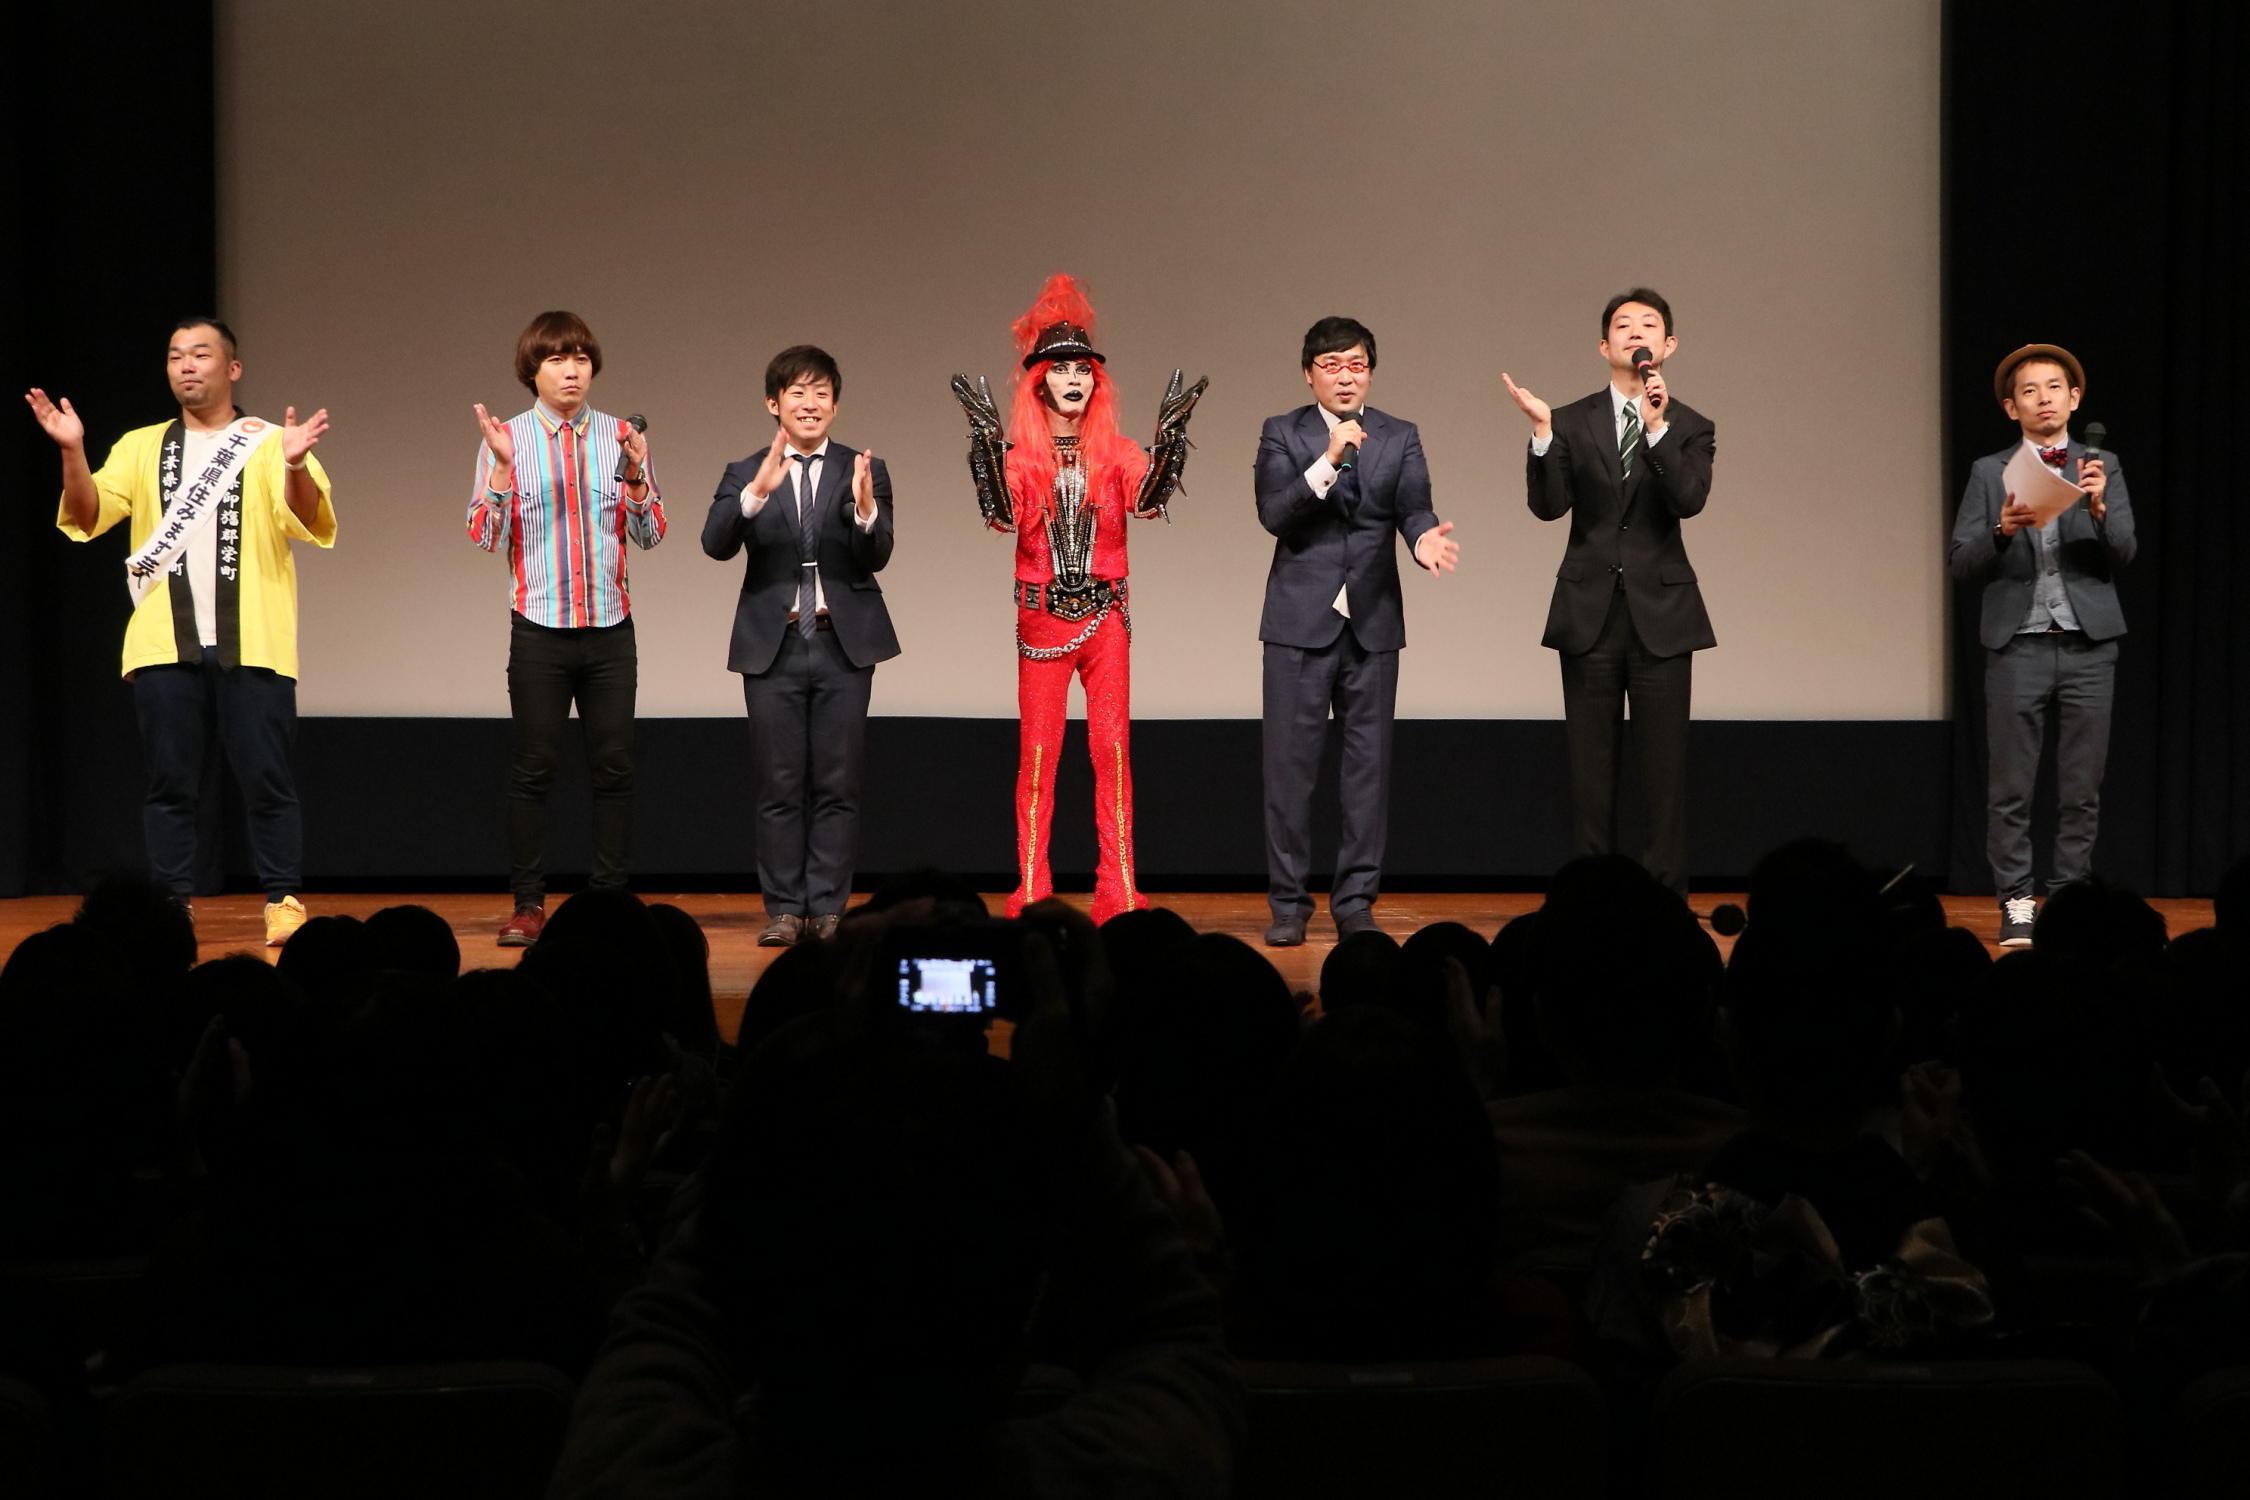 http://news.yoshimoto.co.jp/20180107132855-112f8ab121eb657585856cd38406b9cd4012af43.jpg